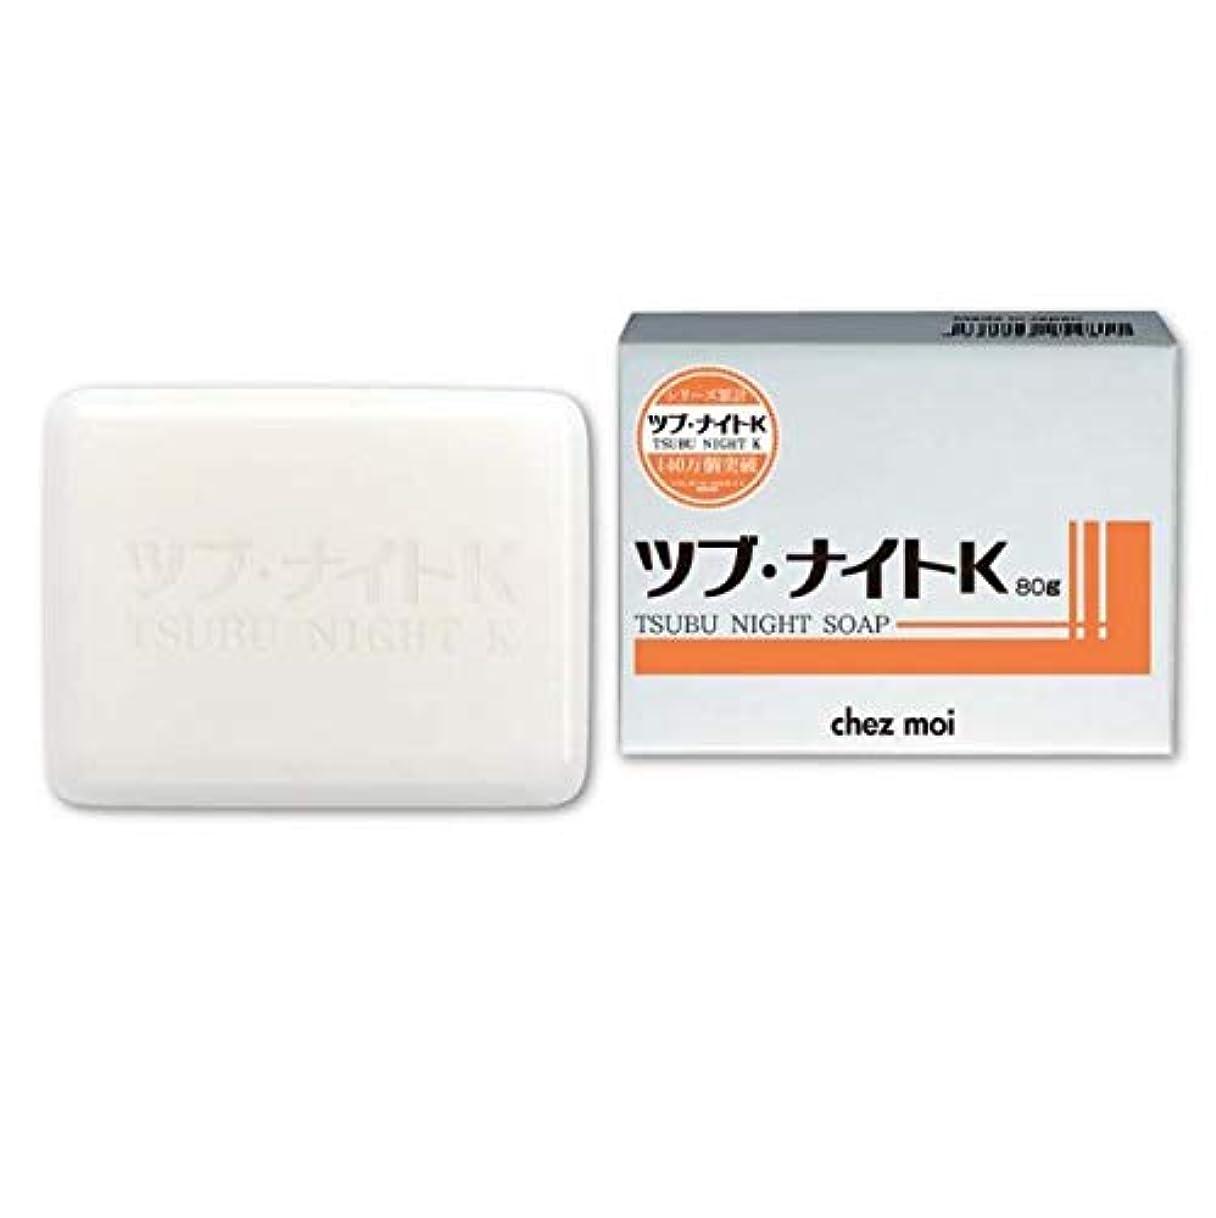 製品ボーダー統合ツブ?ナイトK ソープ(化粧石鹸) 80g